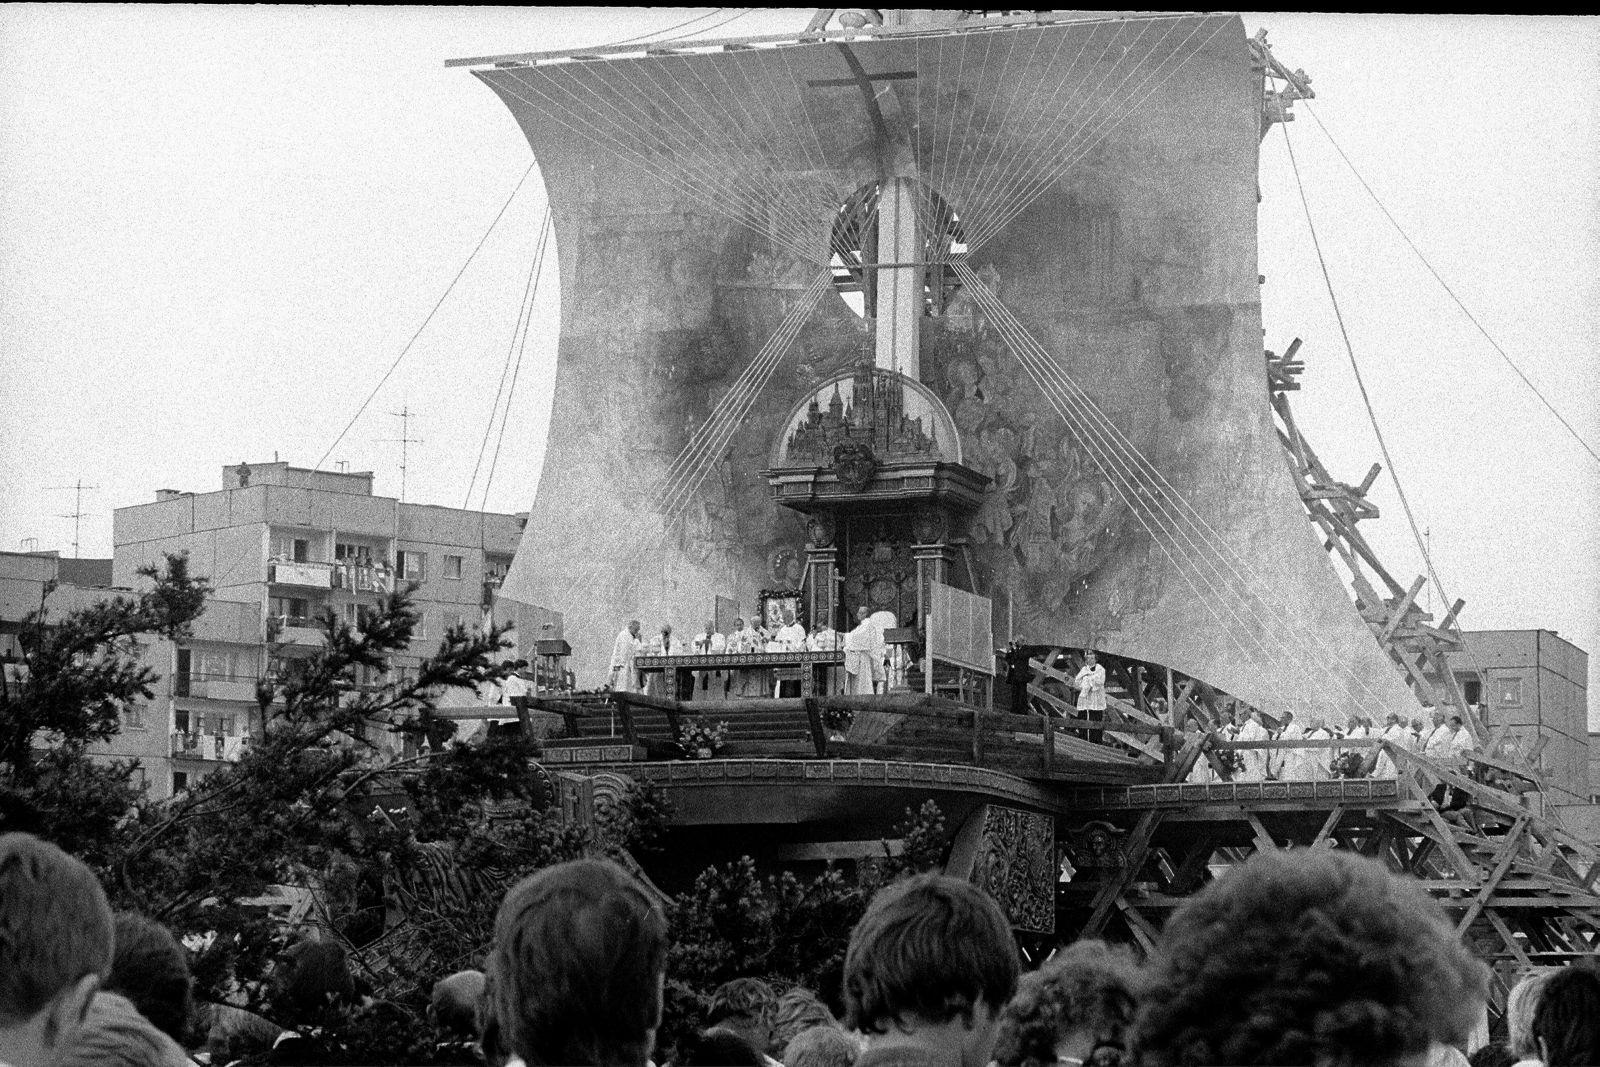 w12.06.1987 Gdansk , Zaspa , msza swieta podczas pielgrzymki papieza Jana Pawla II .Fot. Piotr Wojcik / Agencja Gazeta